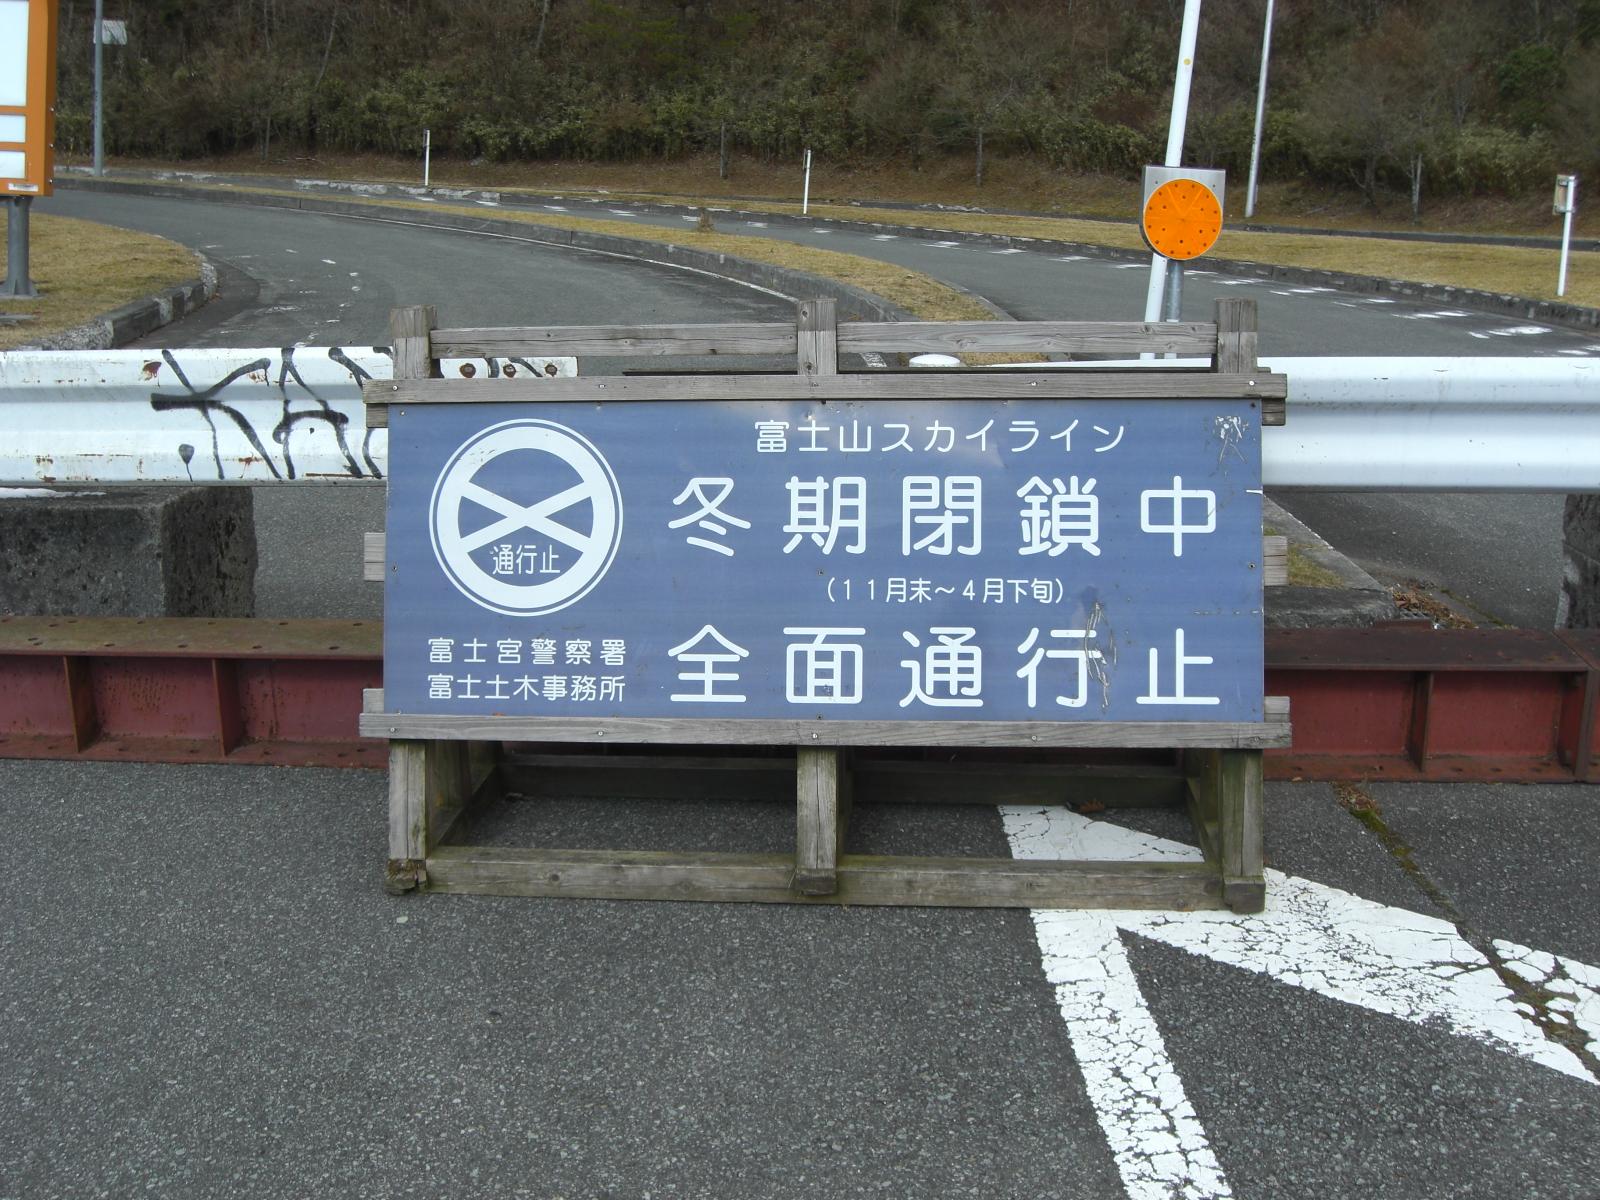 極寒・富士山周遊ツーリング 富士山スカイライン富士宮口冬季閉鎖